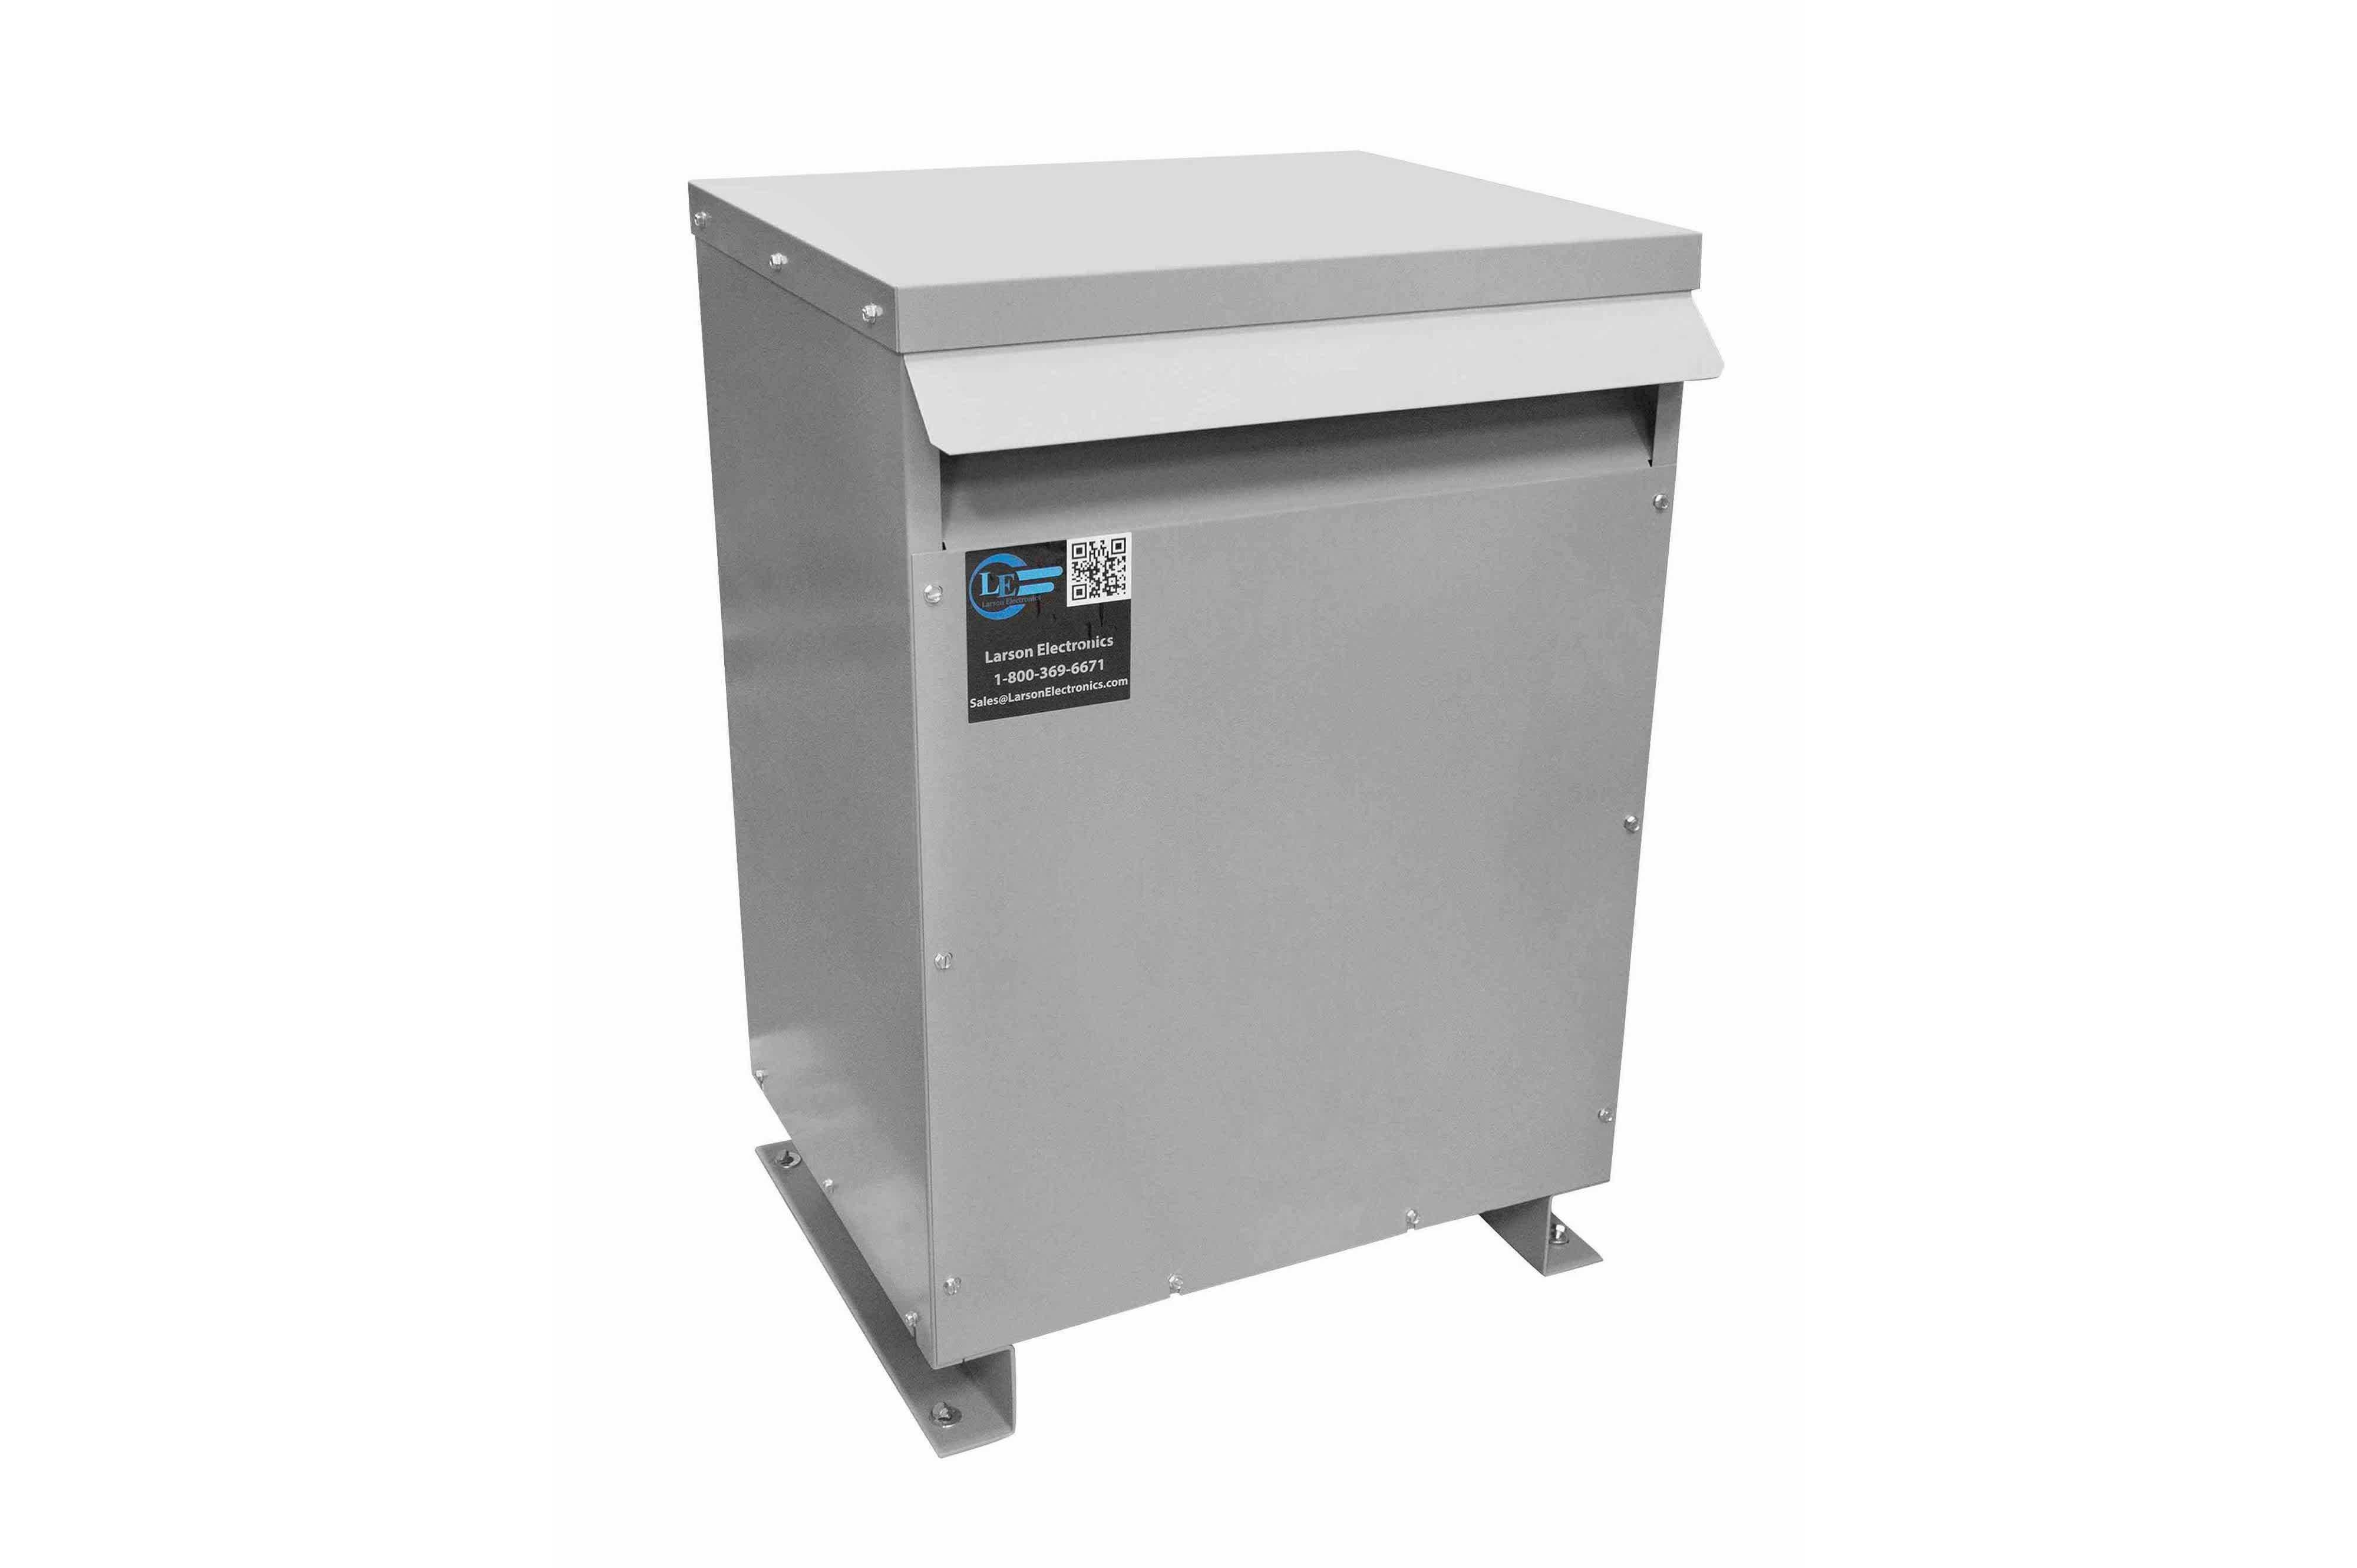 40 kVA 3PH Isolation Transformer, 400V Delta Primary, 208V Delta Secondary, N3R, Ventilated, 60 Hz